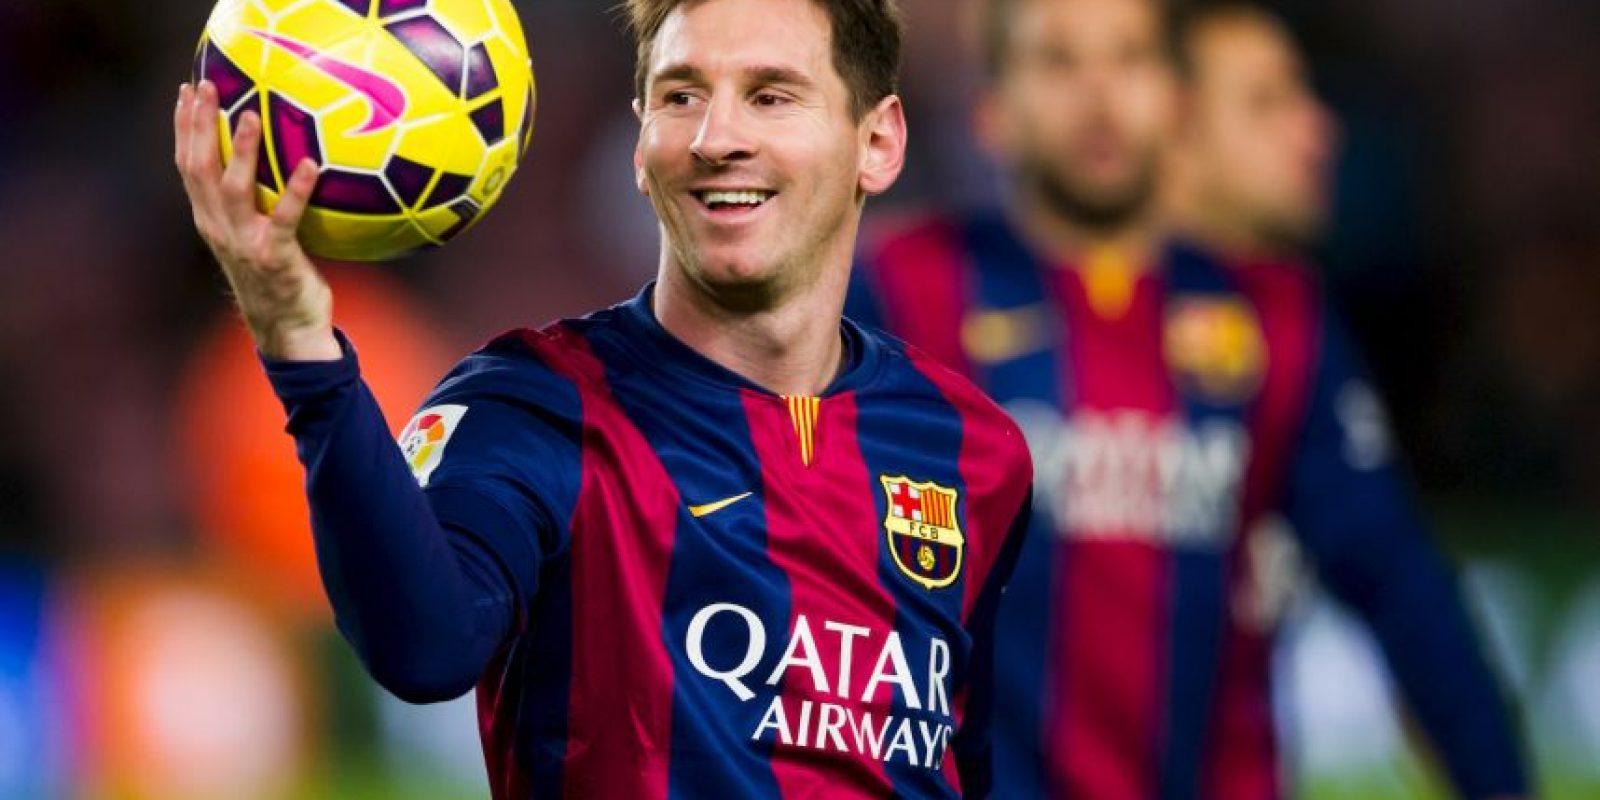 ¿Por qué todos quieren a Messi en su equipo? Aquí repasamos el impresionante palmarés del argentino. Foto:Getty Images